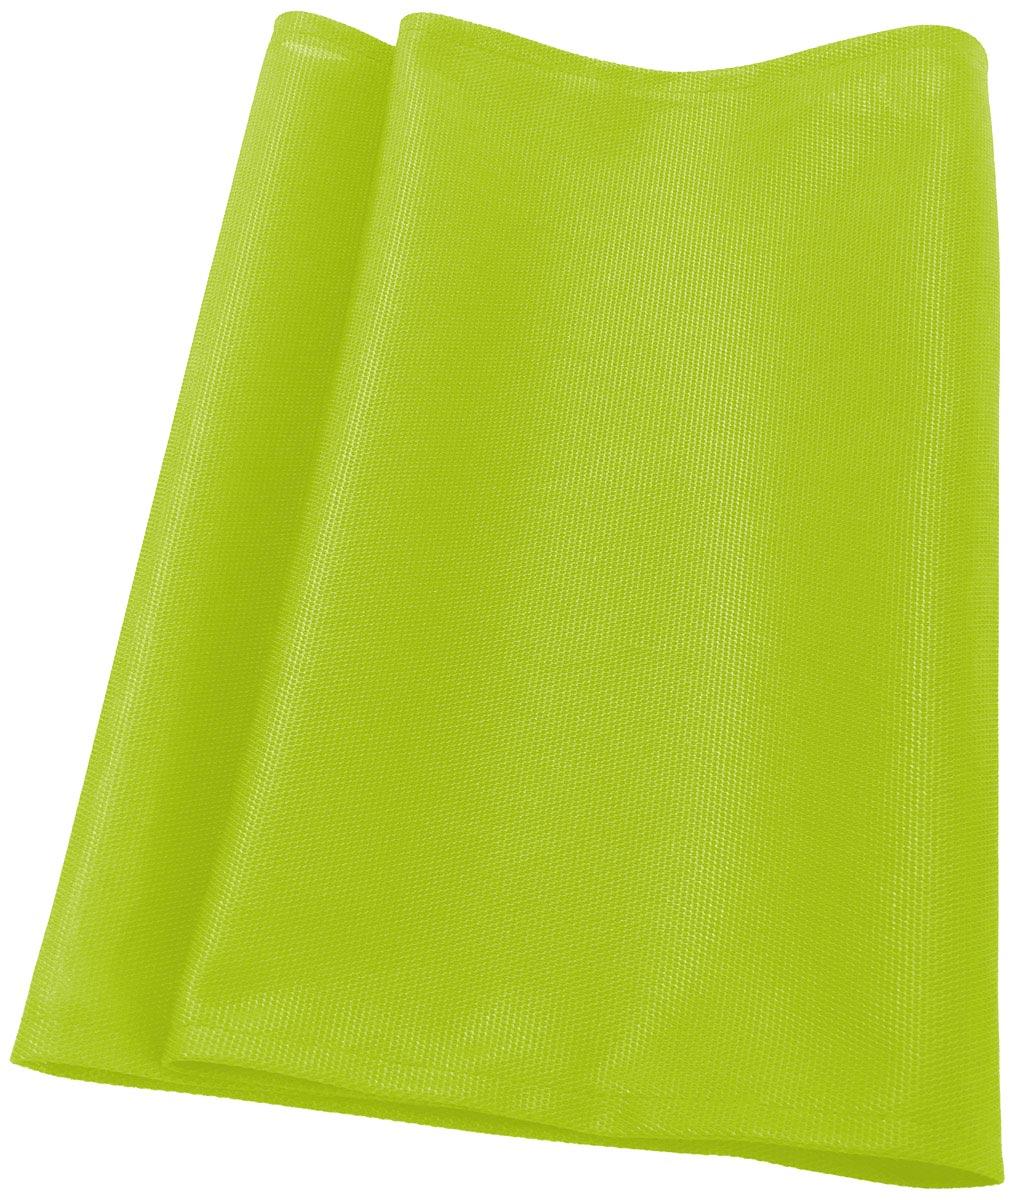 Filterüberzug IDEAL AP30/40 - Grün